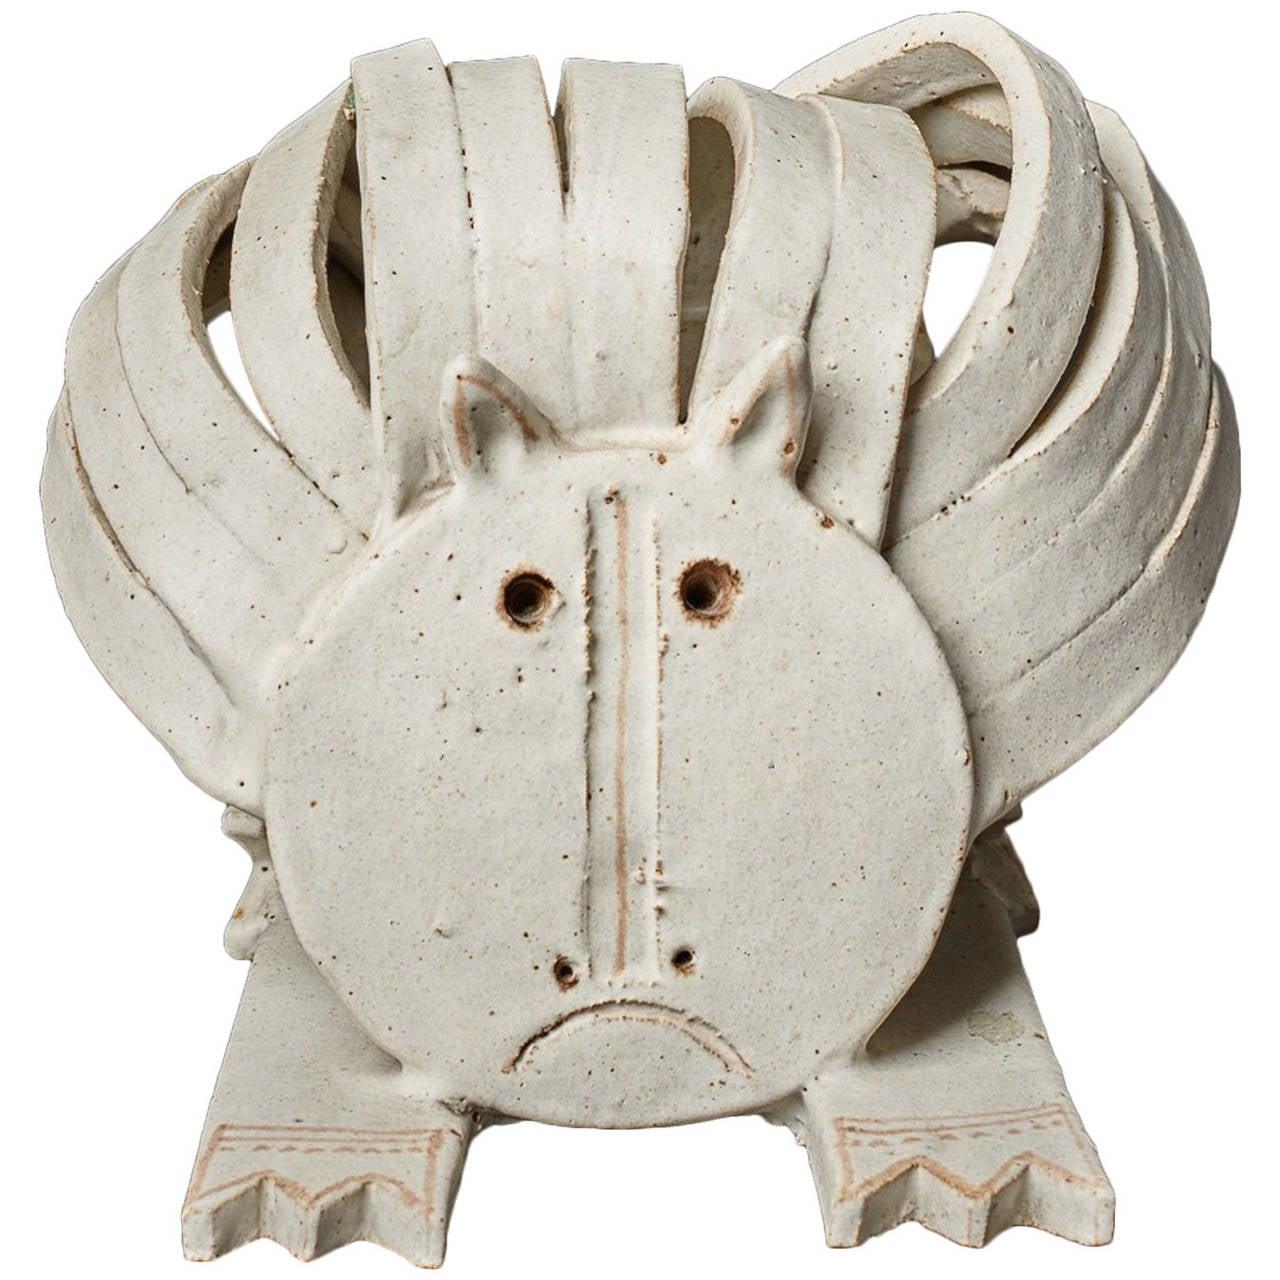 Cat Ceramic Sculpture by Bruno Gambone 1970's 1